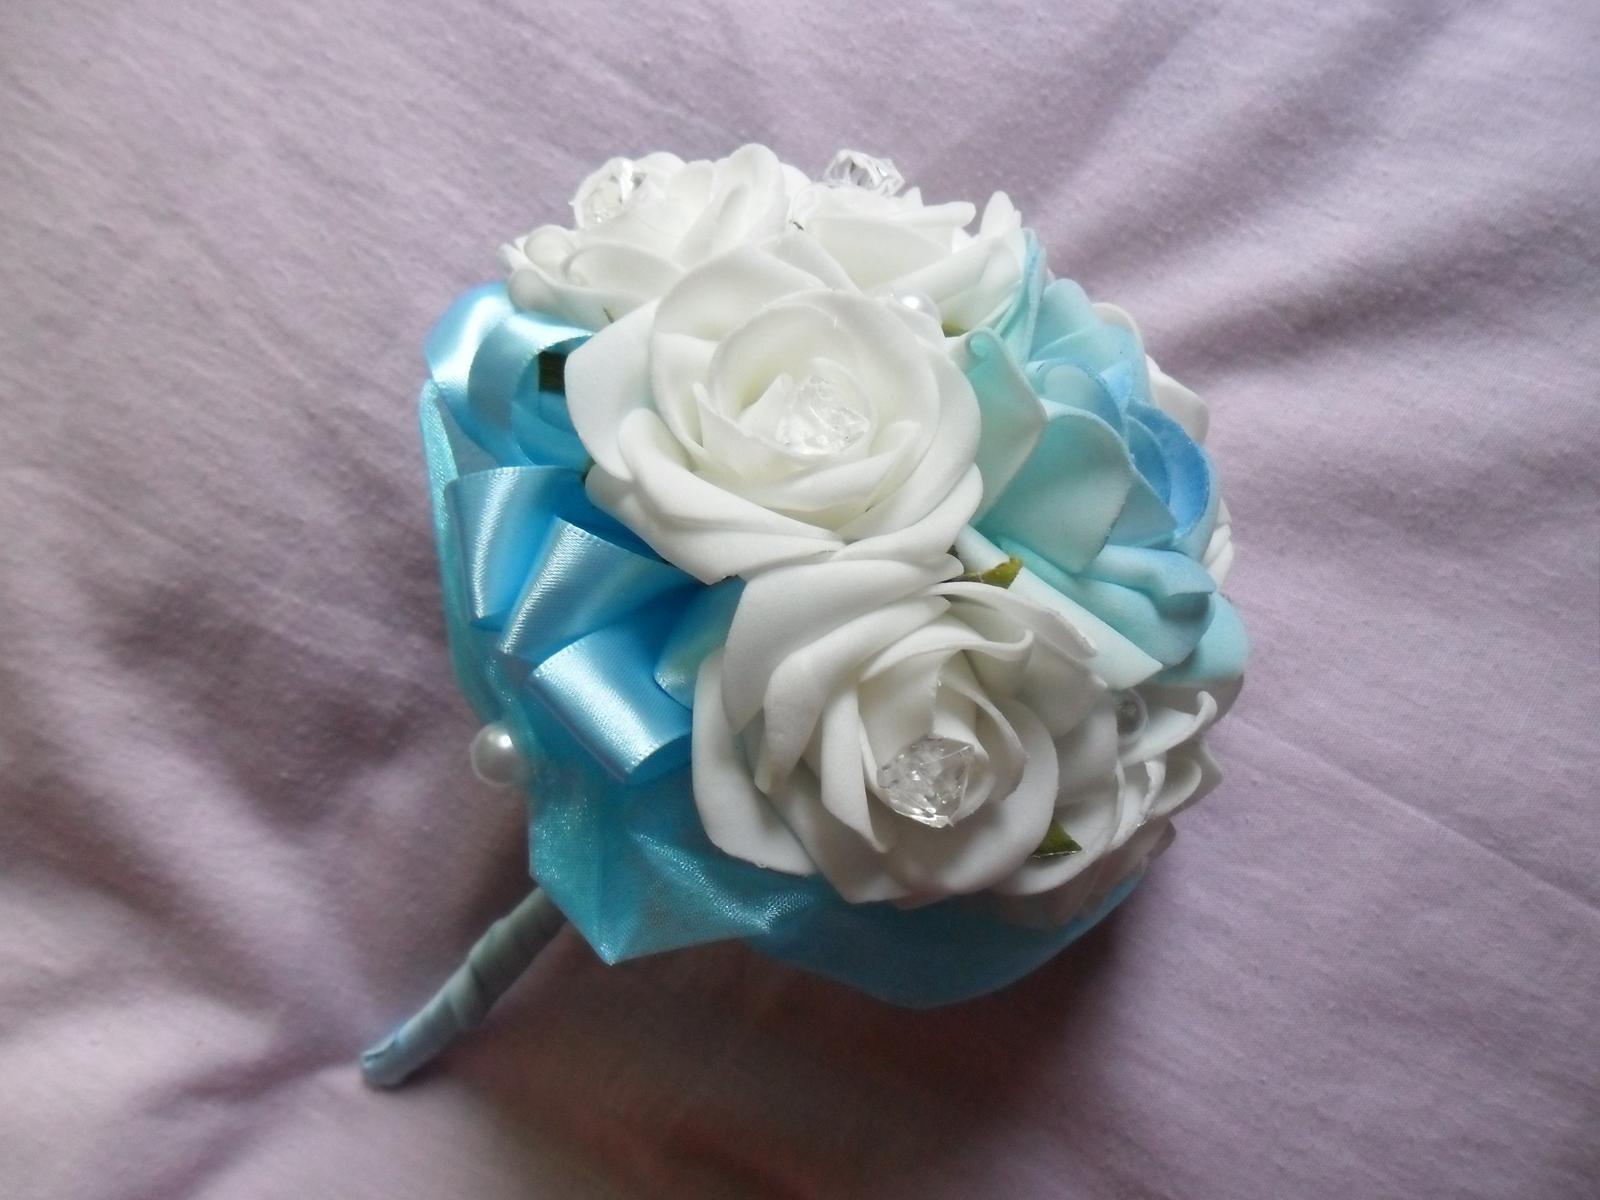 Netradiční svatební kytice - pěnové růžičky + polštářky pod prstýnky, košíčky - Obrázek č. 57